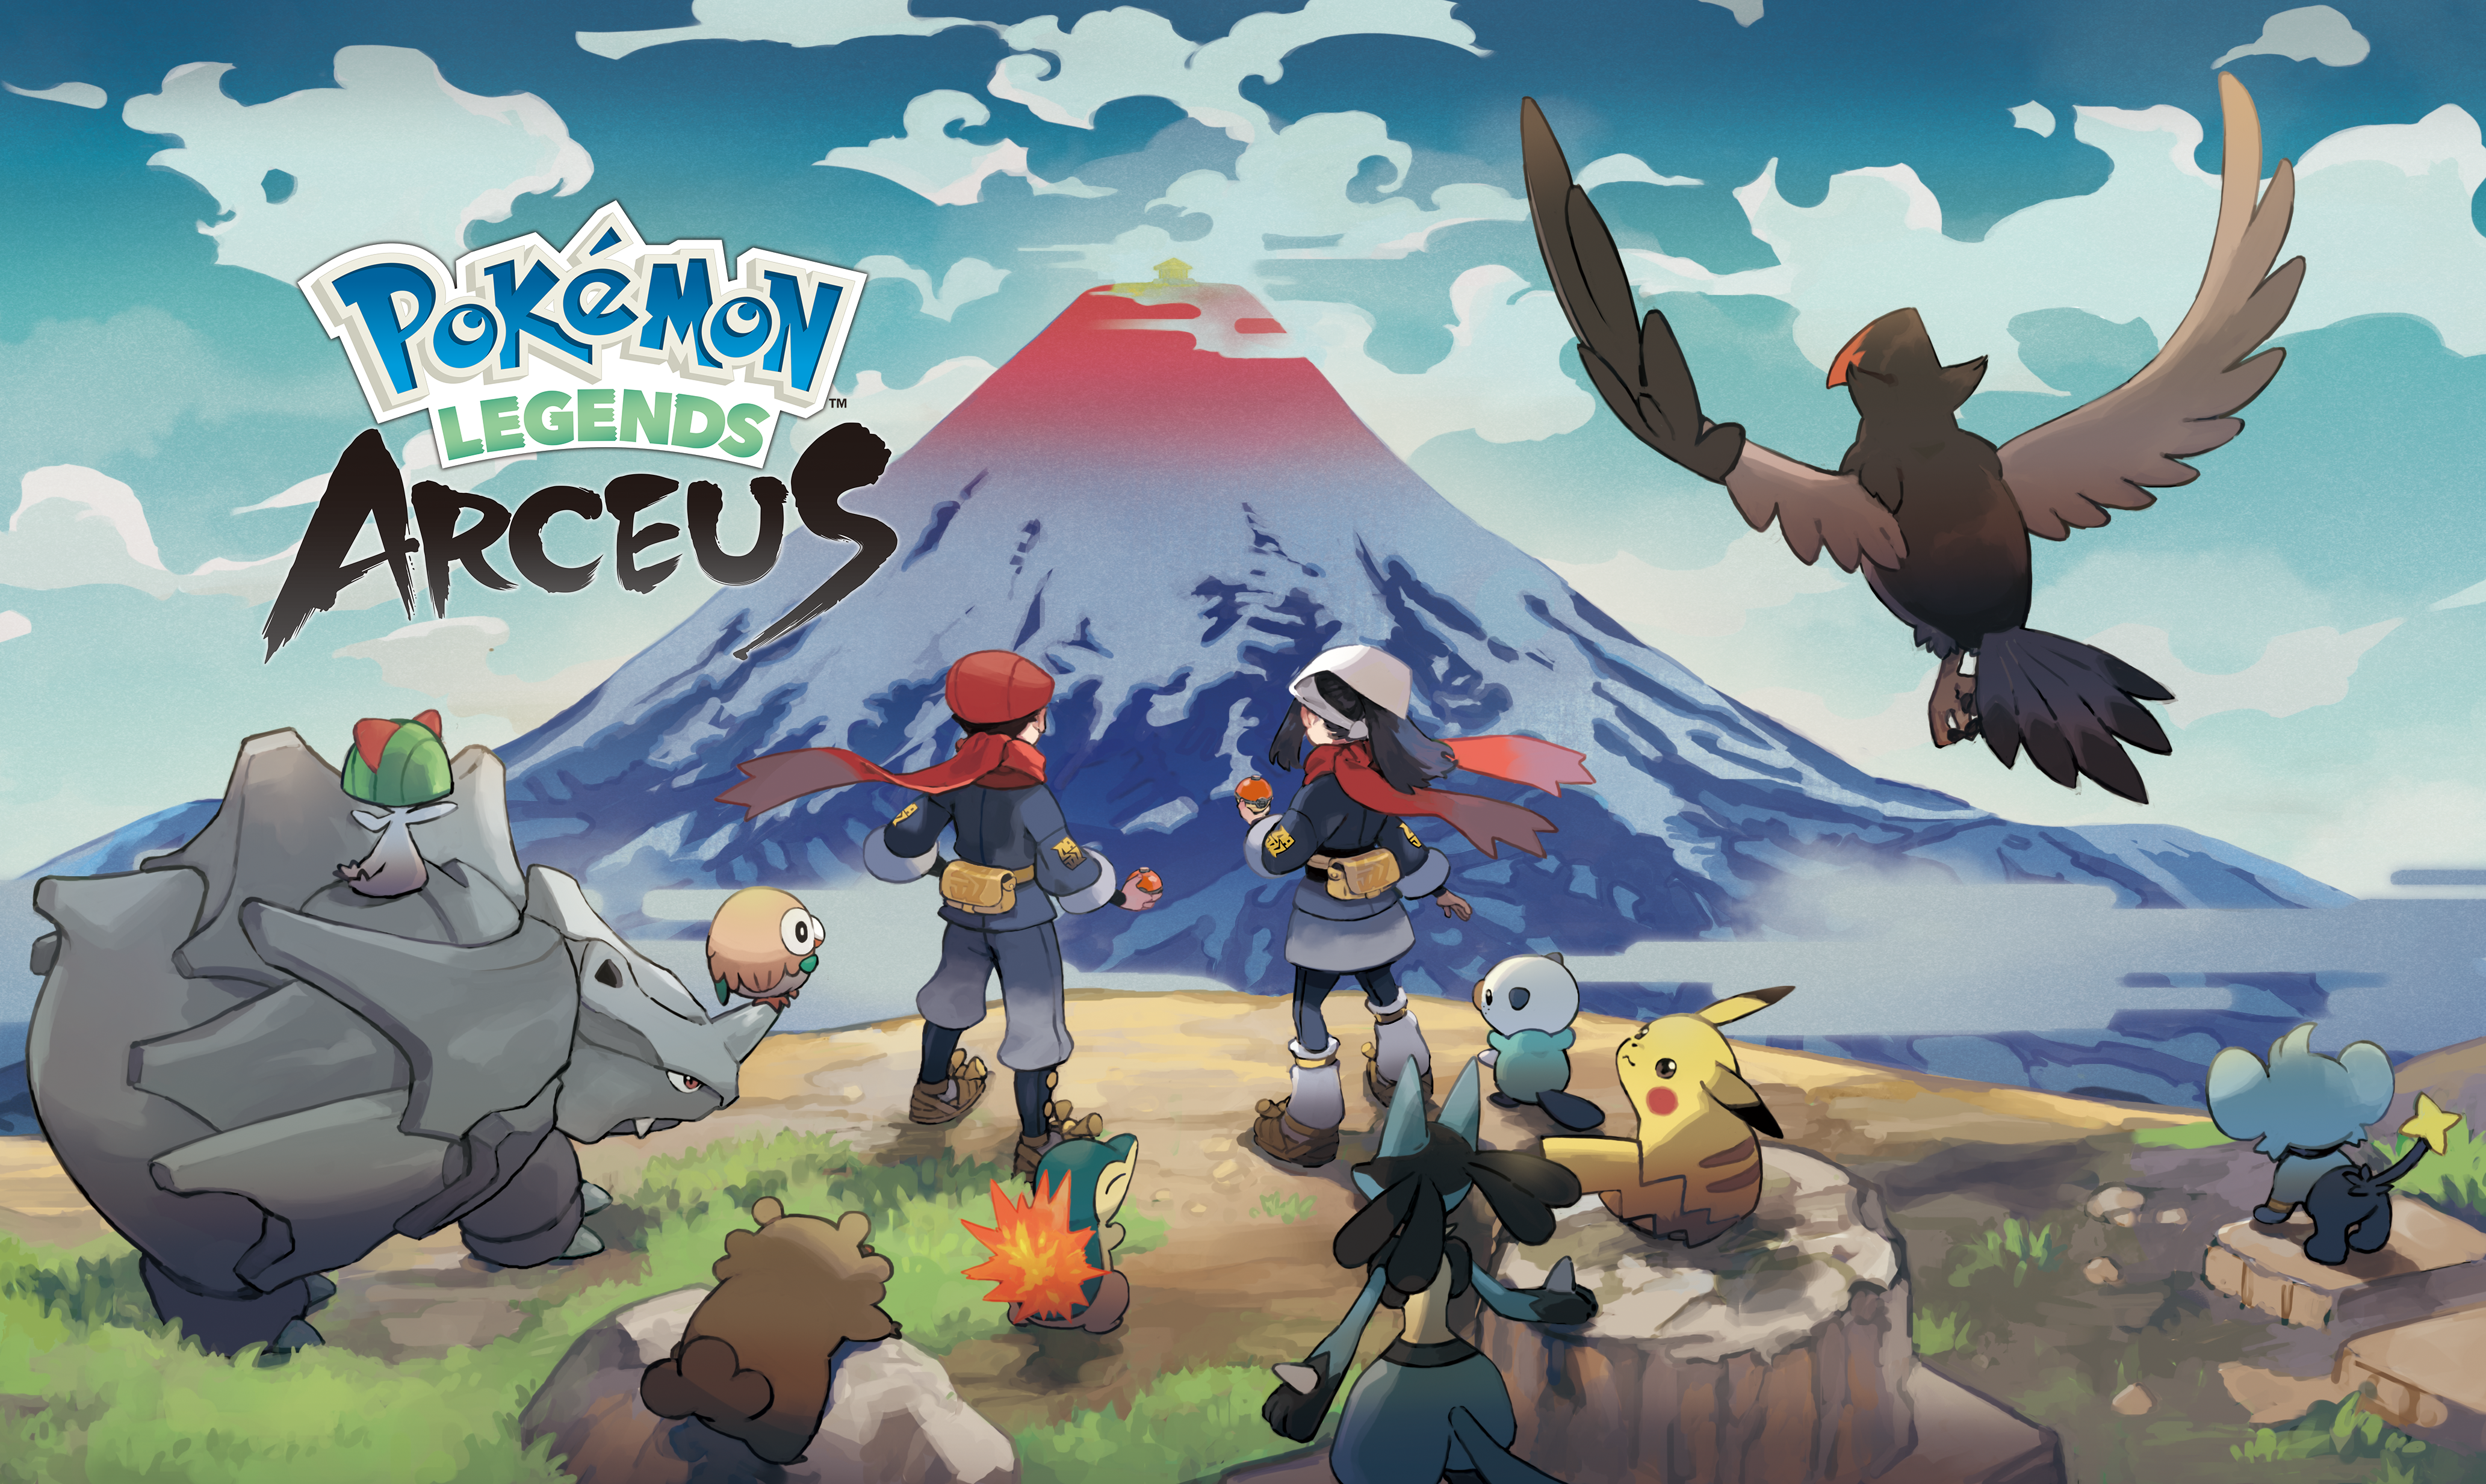 promo art for Pokemon Legends: Arceus